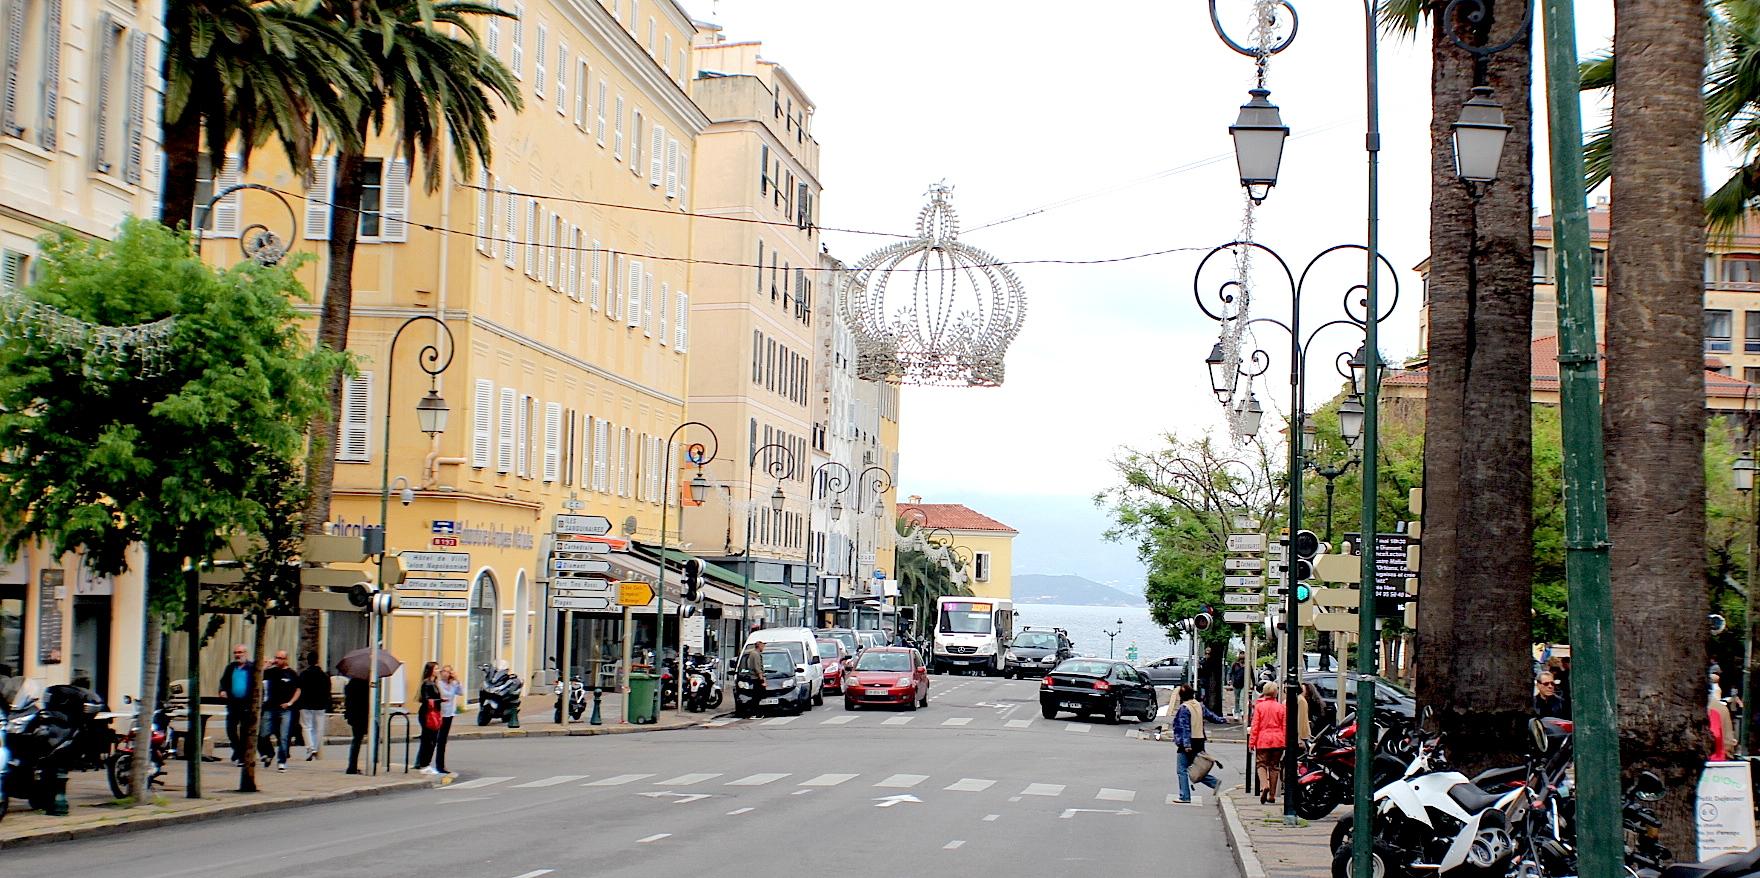 Sécurité et déchets ménagers en débat au conseil municipal : Ajaccio va prendre de nouvelles mesures